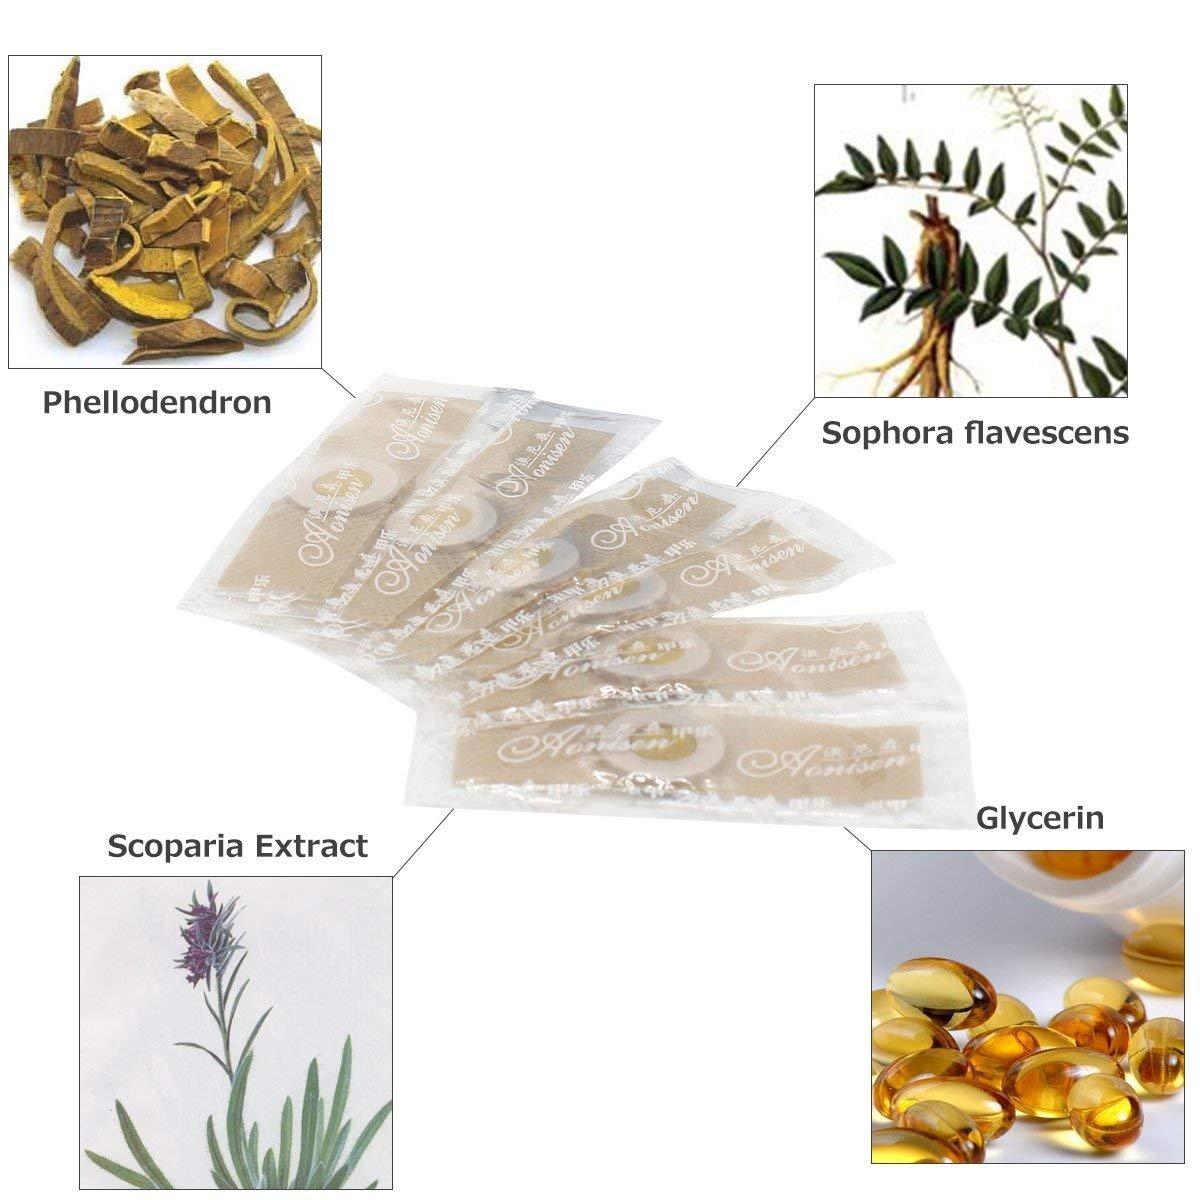 Nail Fungus,Antifungal Nail Treatment,Toenail Fungus Treatment,Antifungal Nail Gel,Removal of Fingernail and Toenail Fungus by LDREAMAM (Image #5)